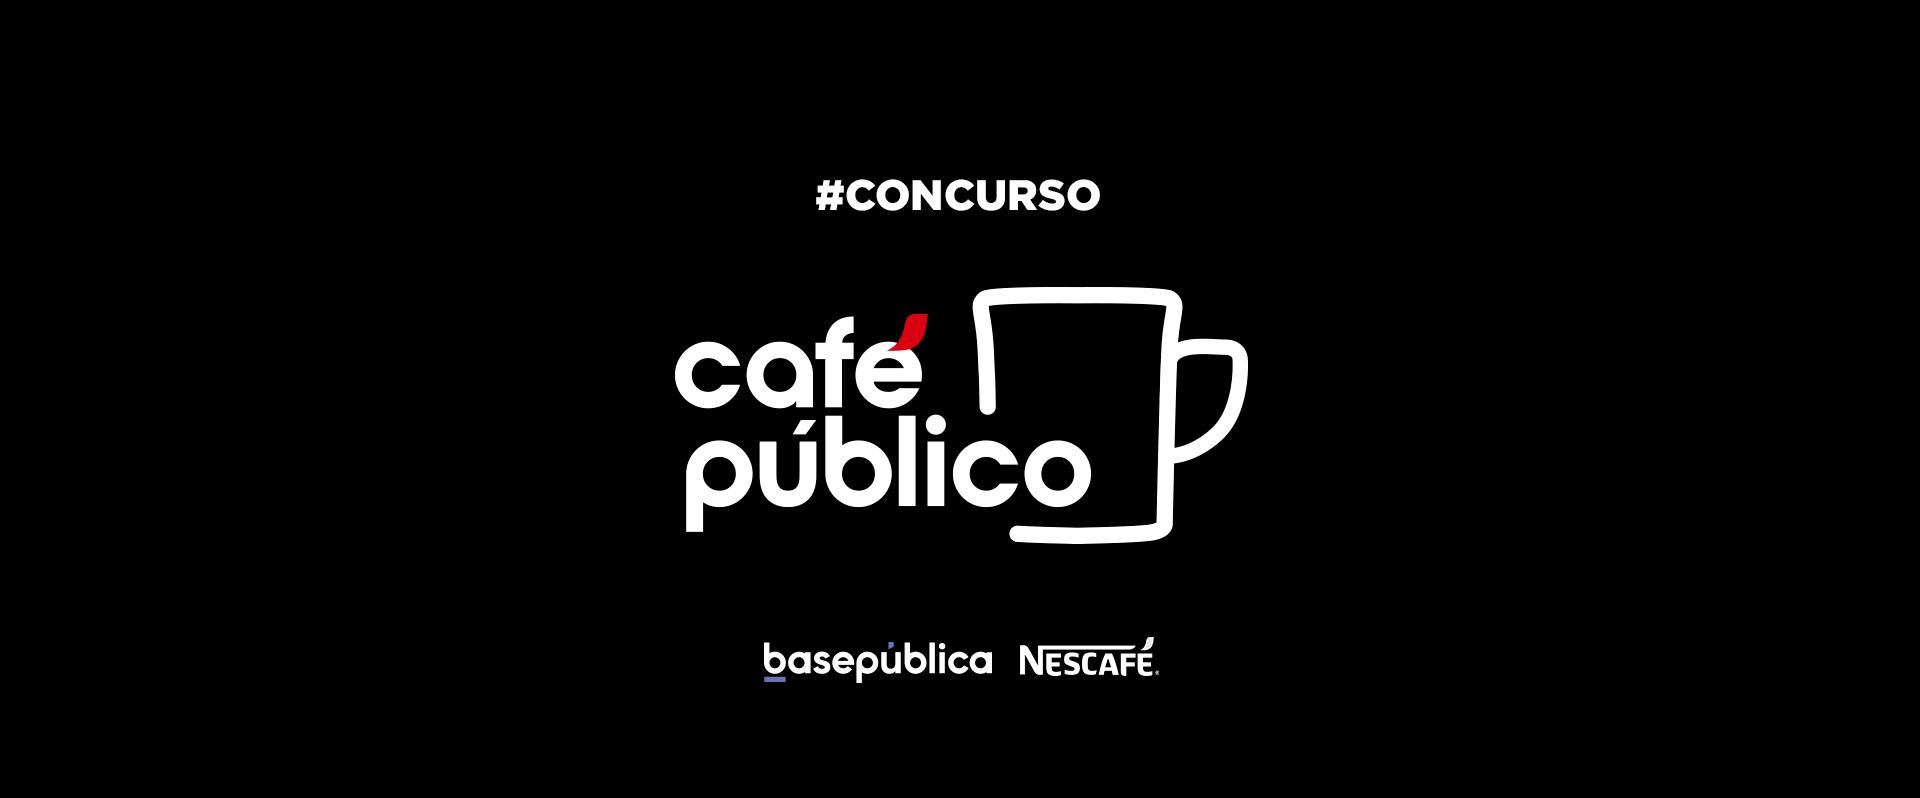 """CONSIDERACIONES GENERALES: El presente documento detalla las bases del concurso de Café Público, que se realiza para estimular la visualización de los capítulos de la serie """"Café Público"""", desarrollado por […]"""